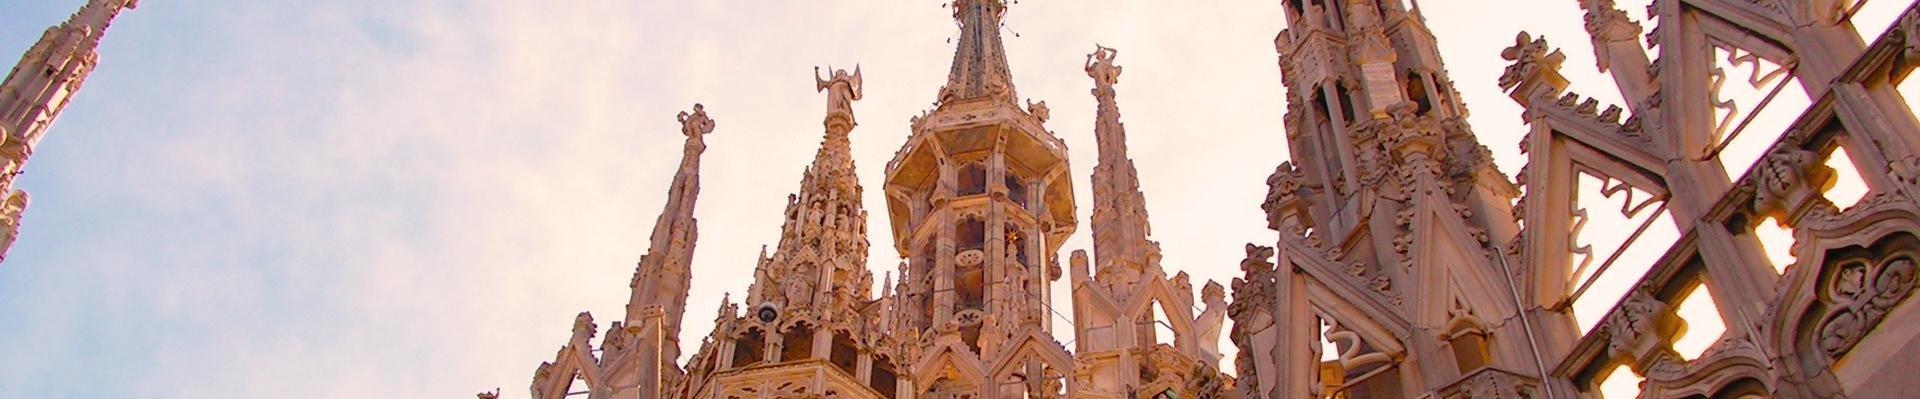 Dak van de duomo, Milaan, Italië